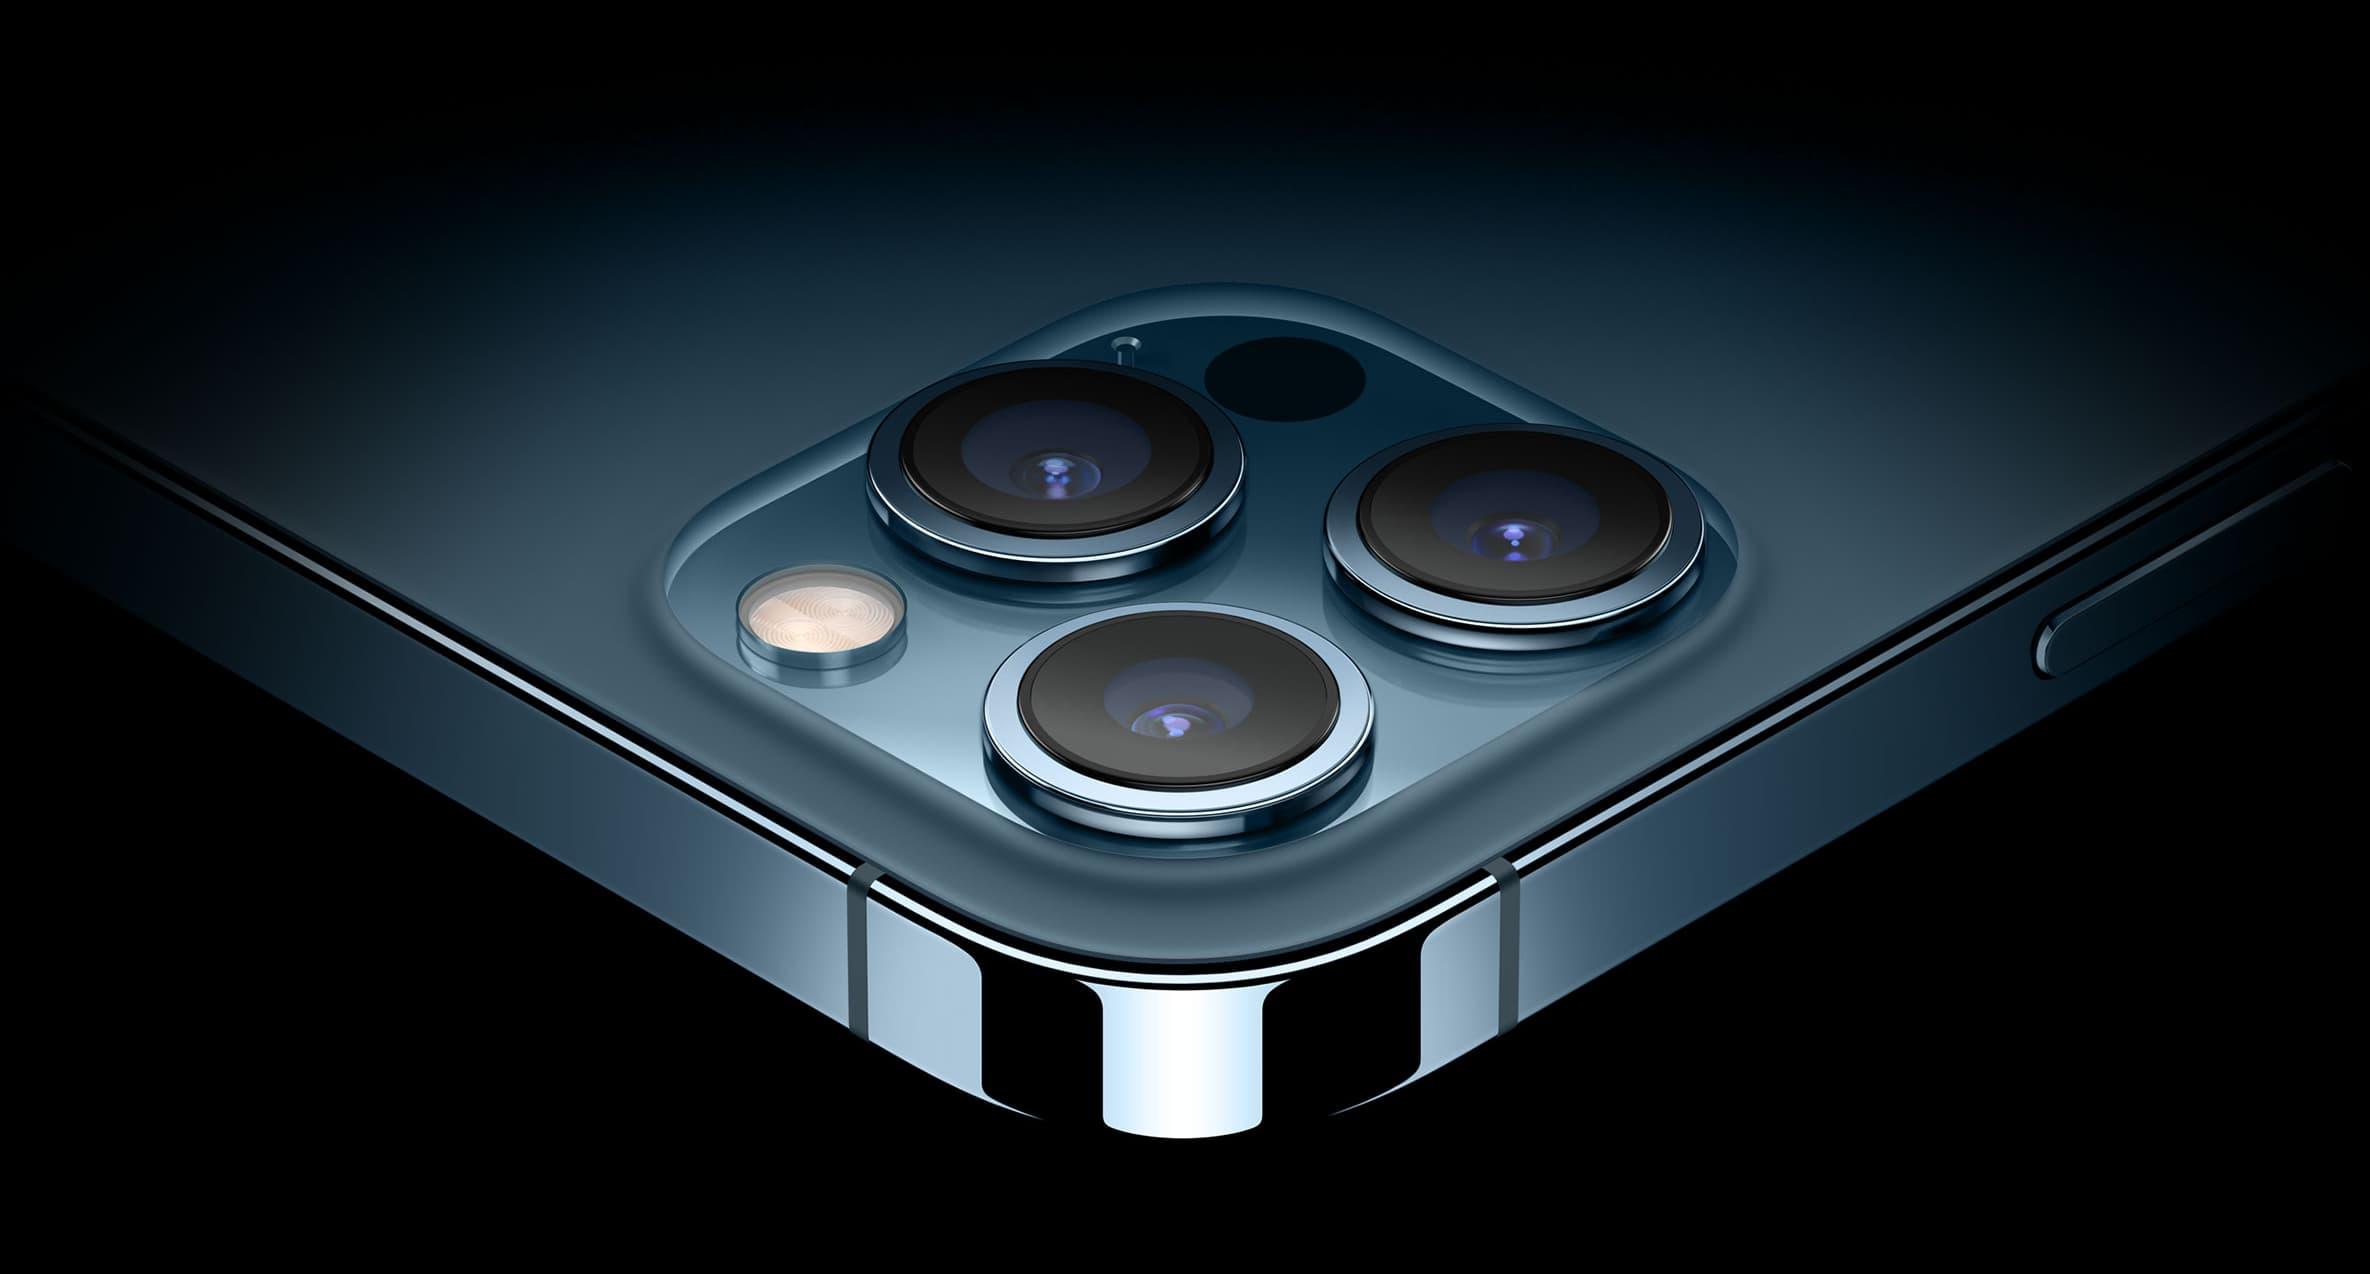 iPhone 12 Pro Max 成為最熱門機種原因